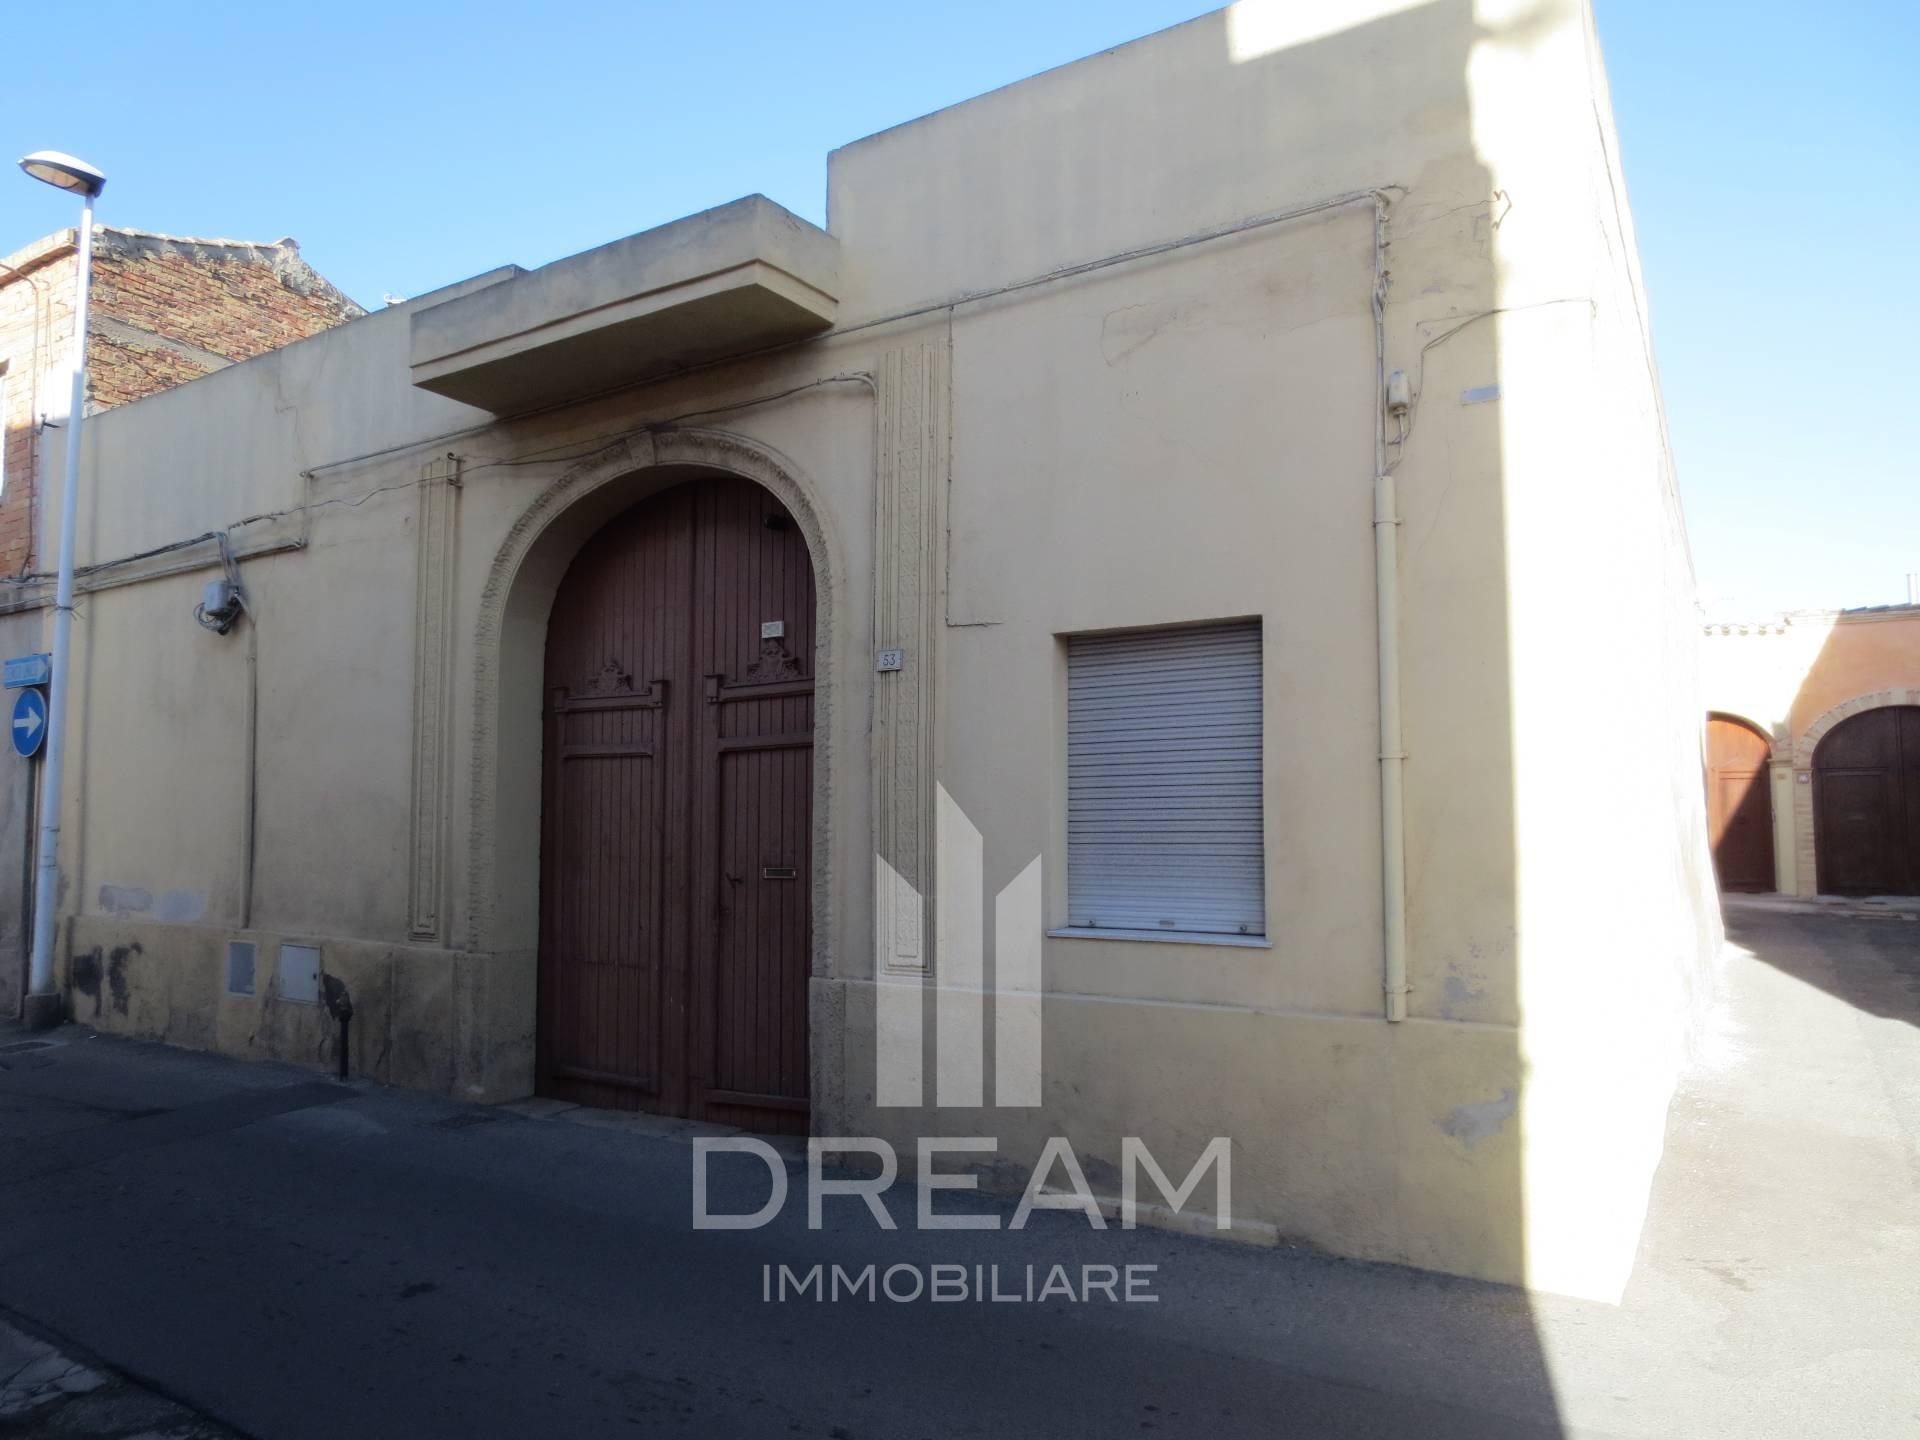 Ufficio Postale A Quartu Sant Elena : Casa singola in vendita a quartu santelena cod. a651